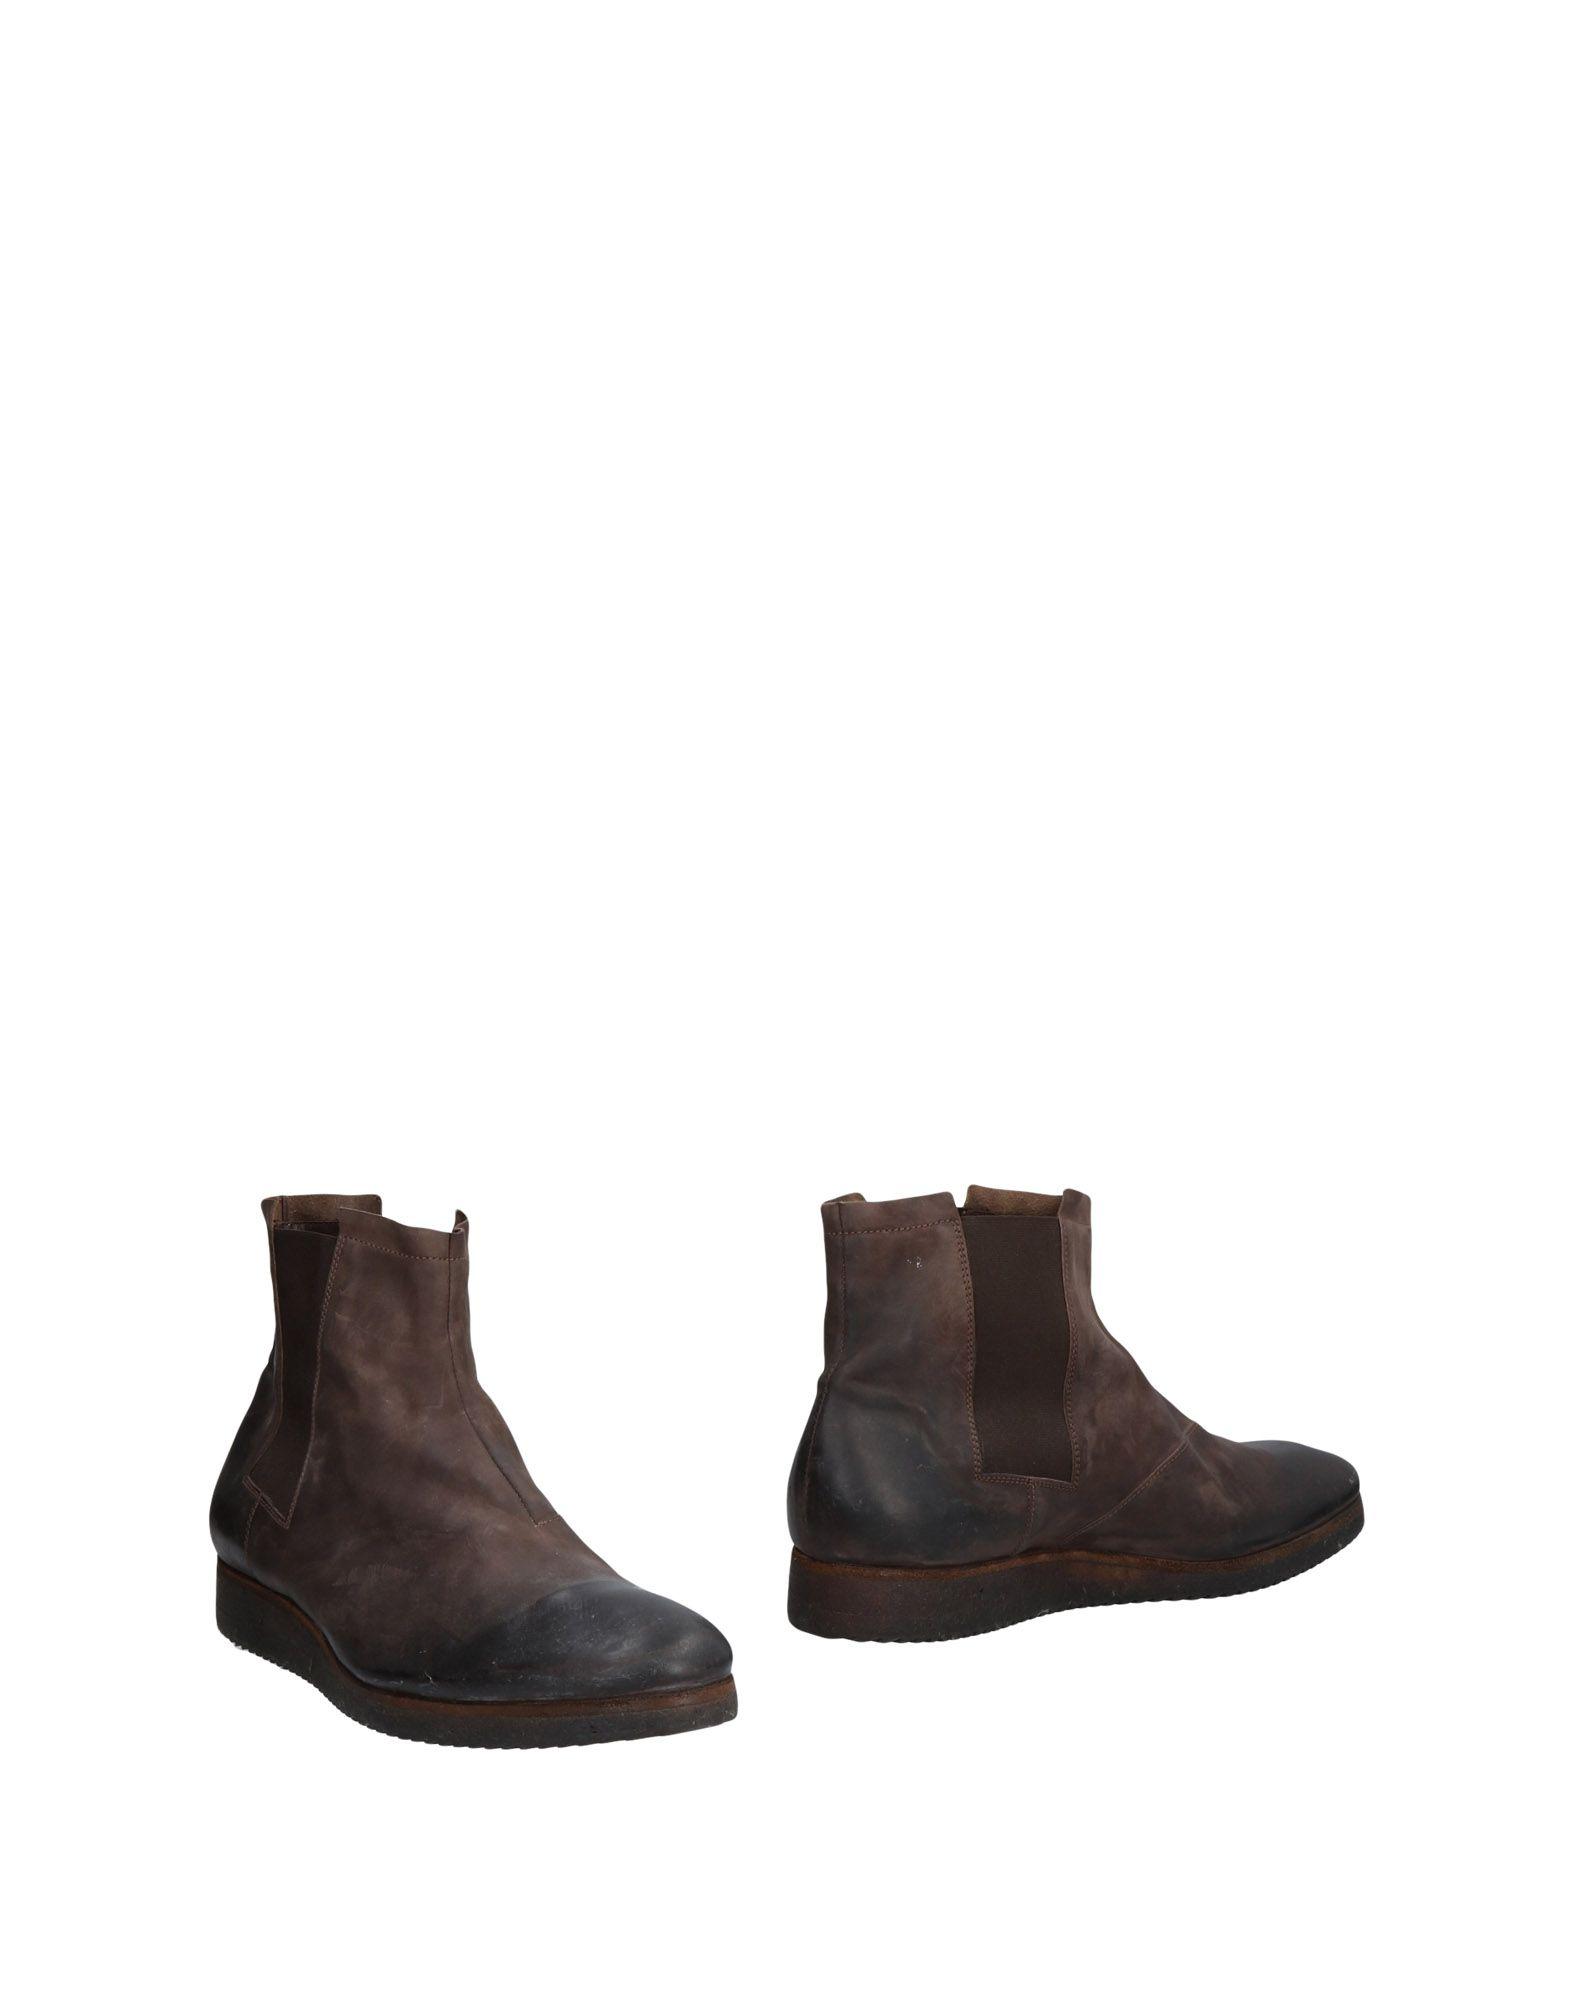 Giorgio Brato Stiefelette Herren  11461458BR Gute Qualität beliebte Schuhe